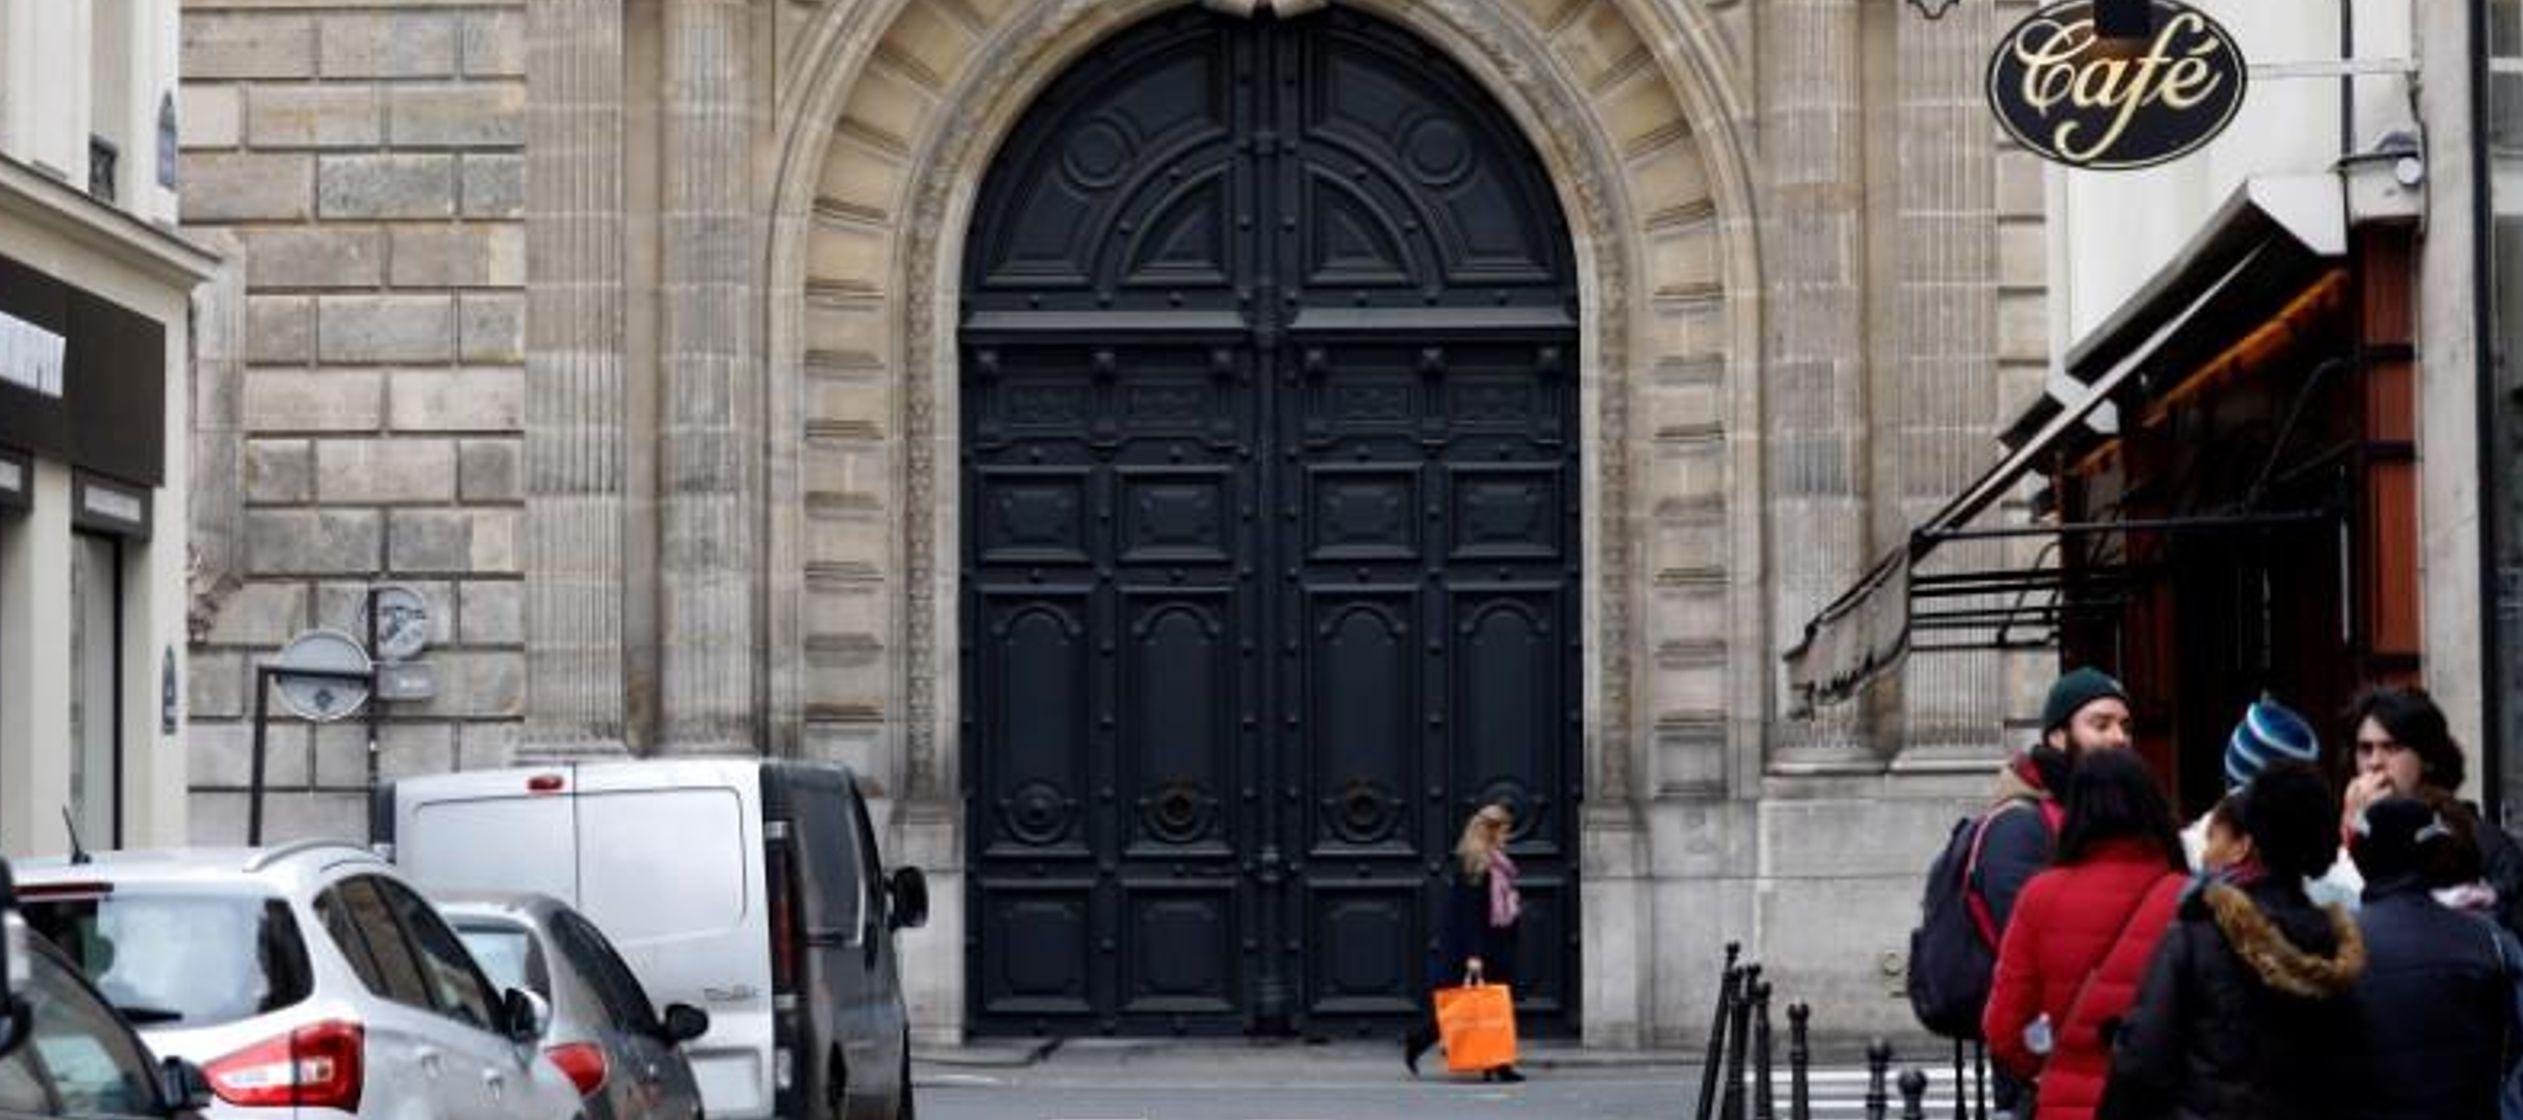 Guerra comercial puede restar 3 por ciento al PIB mundial: Banco de Francia